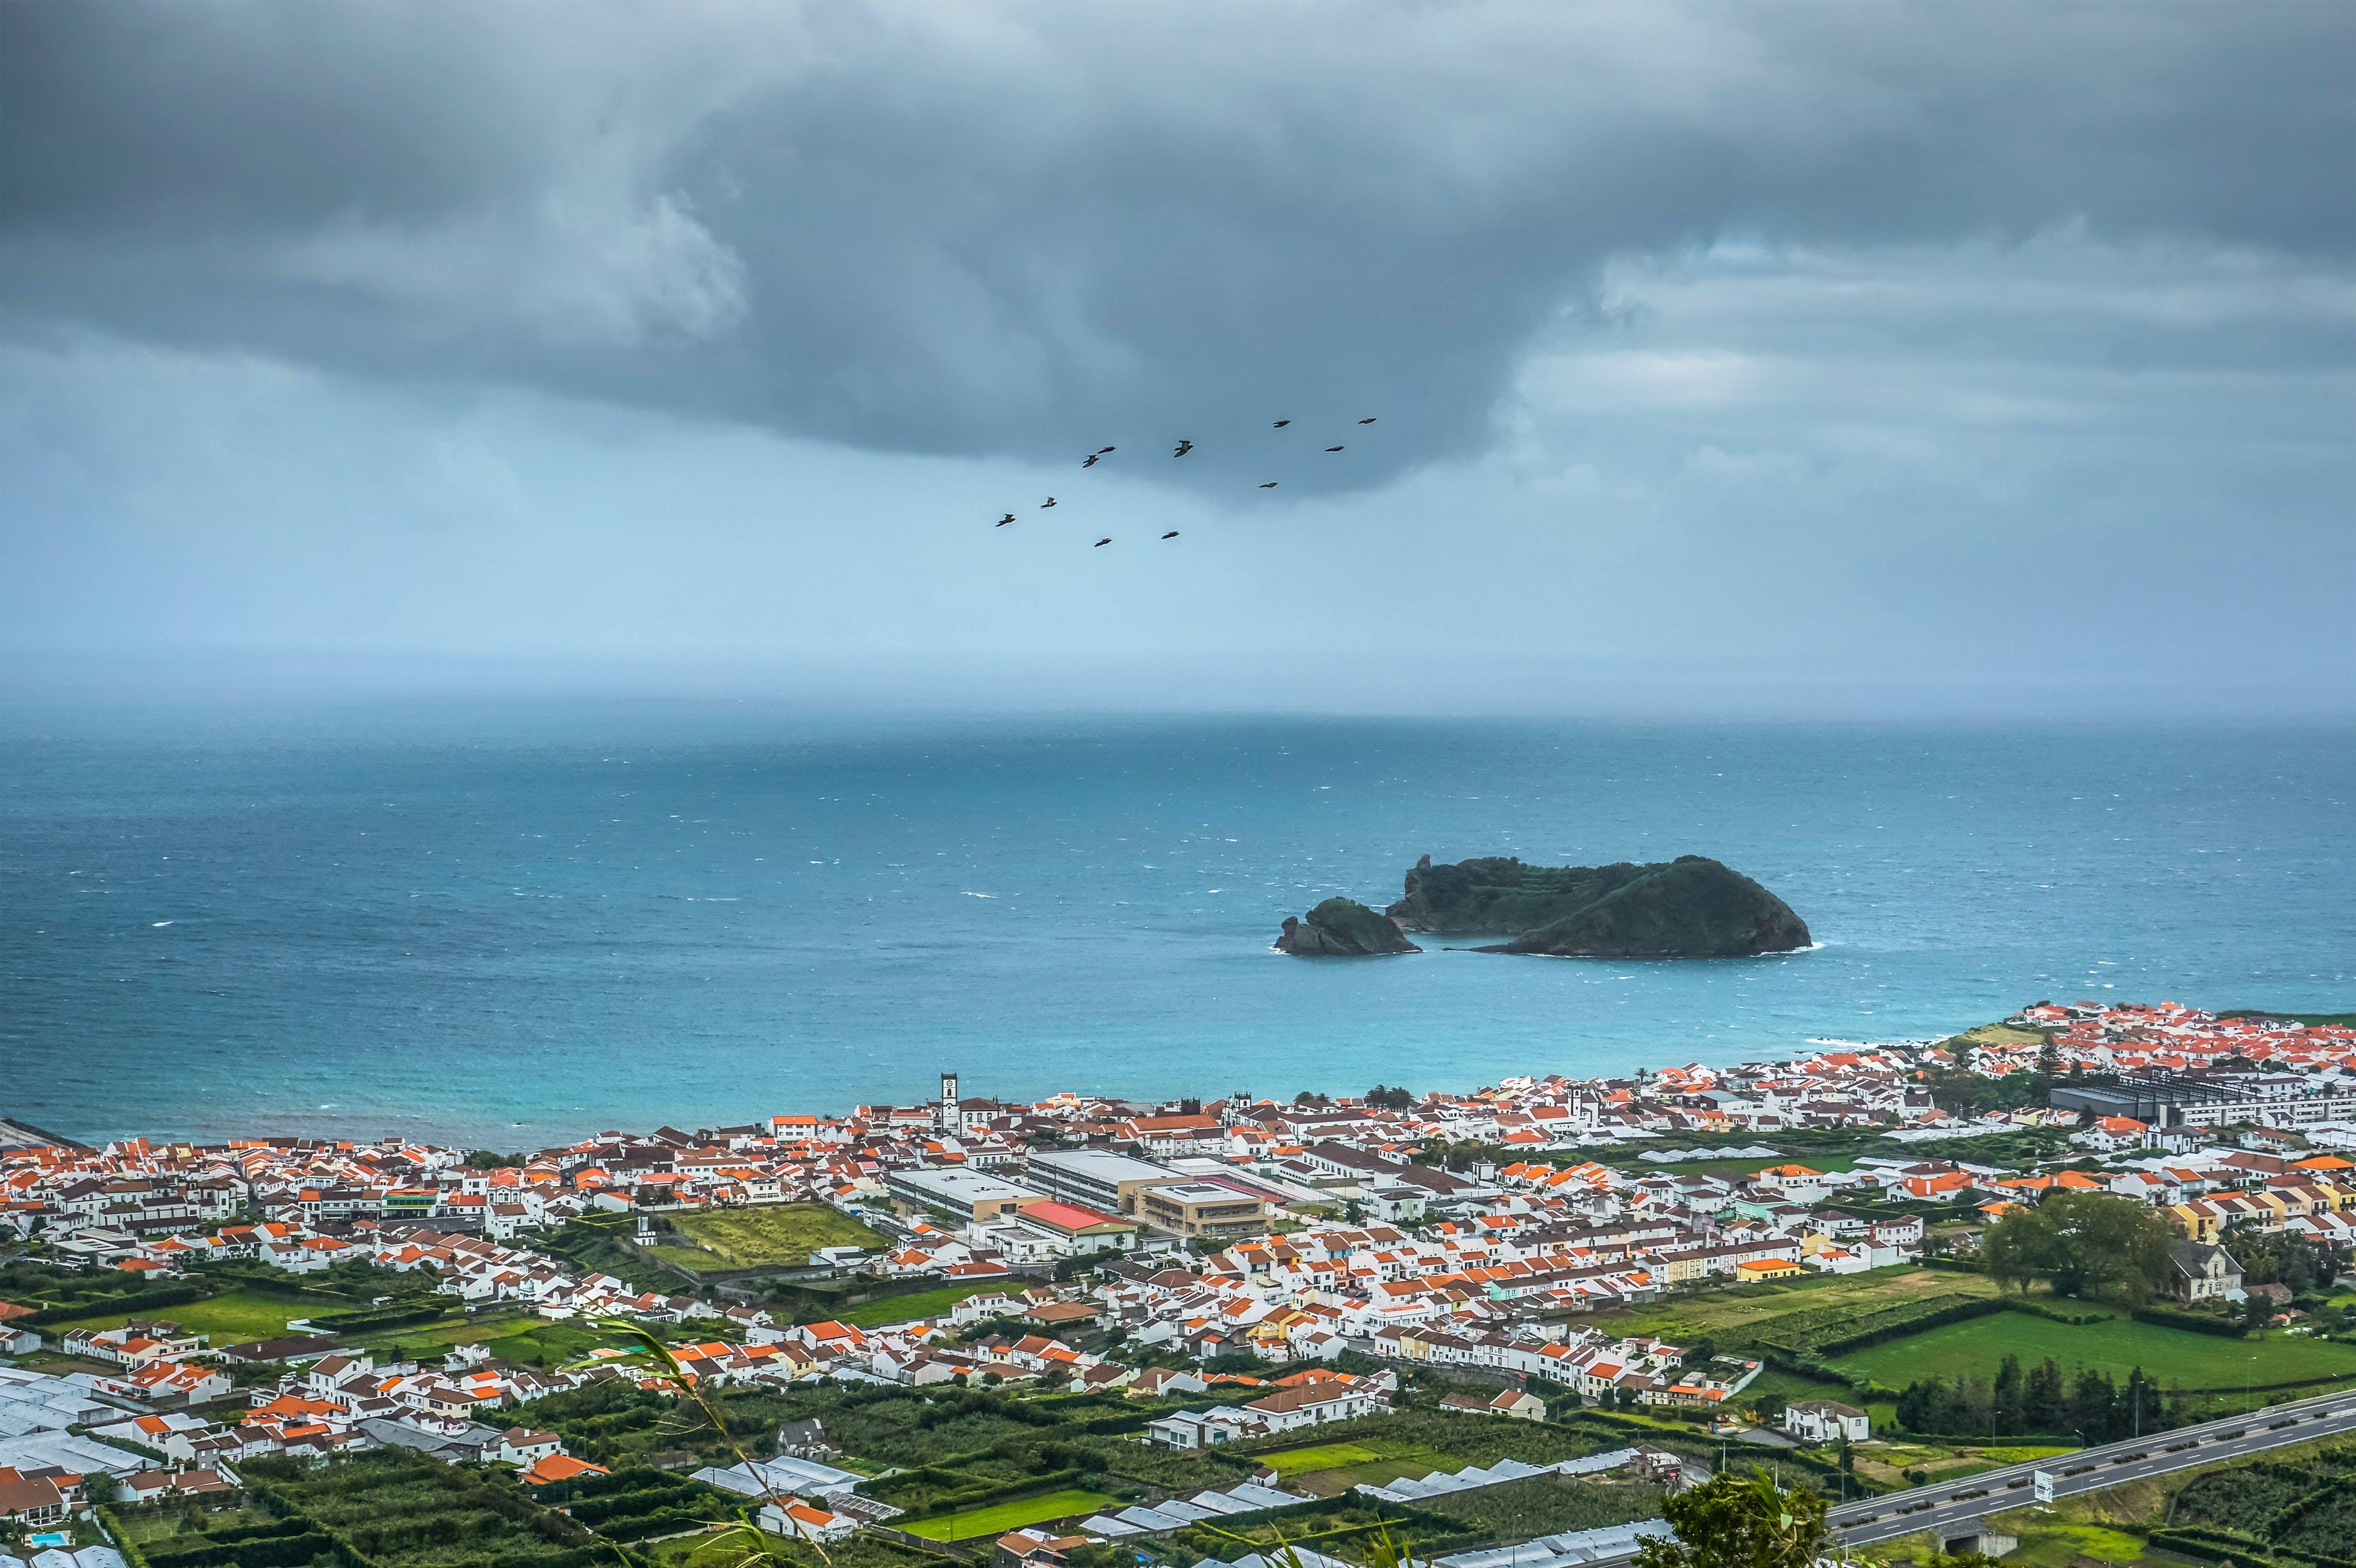 Azores, cityscape, coast